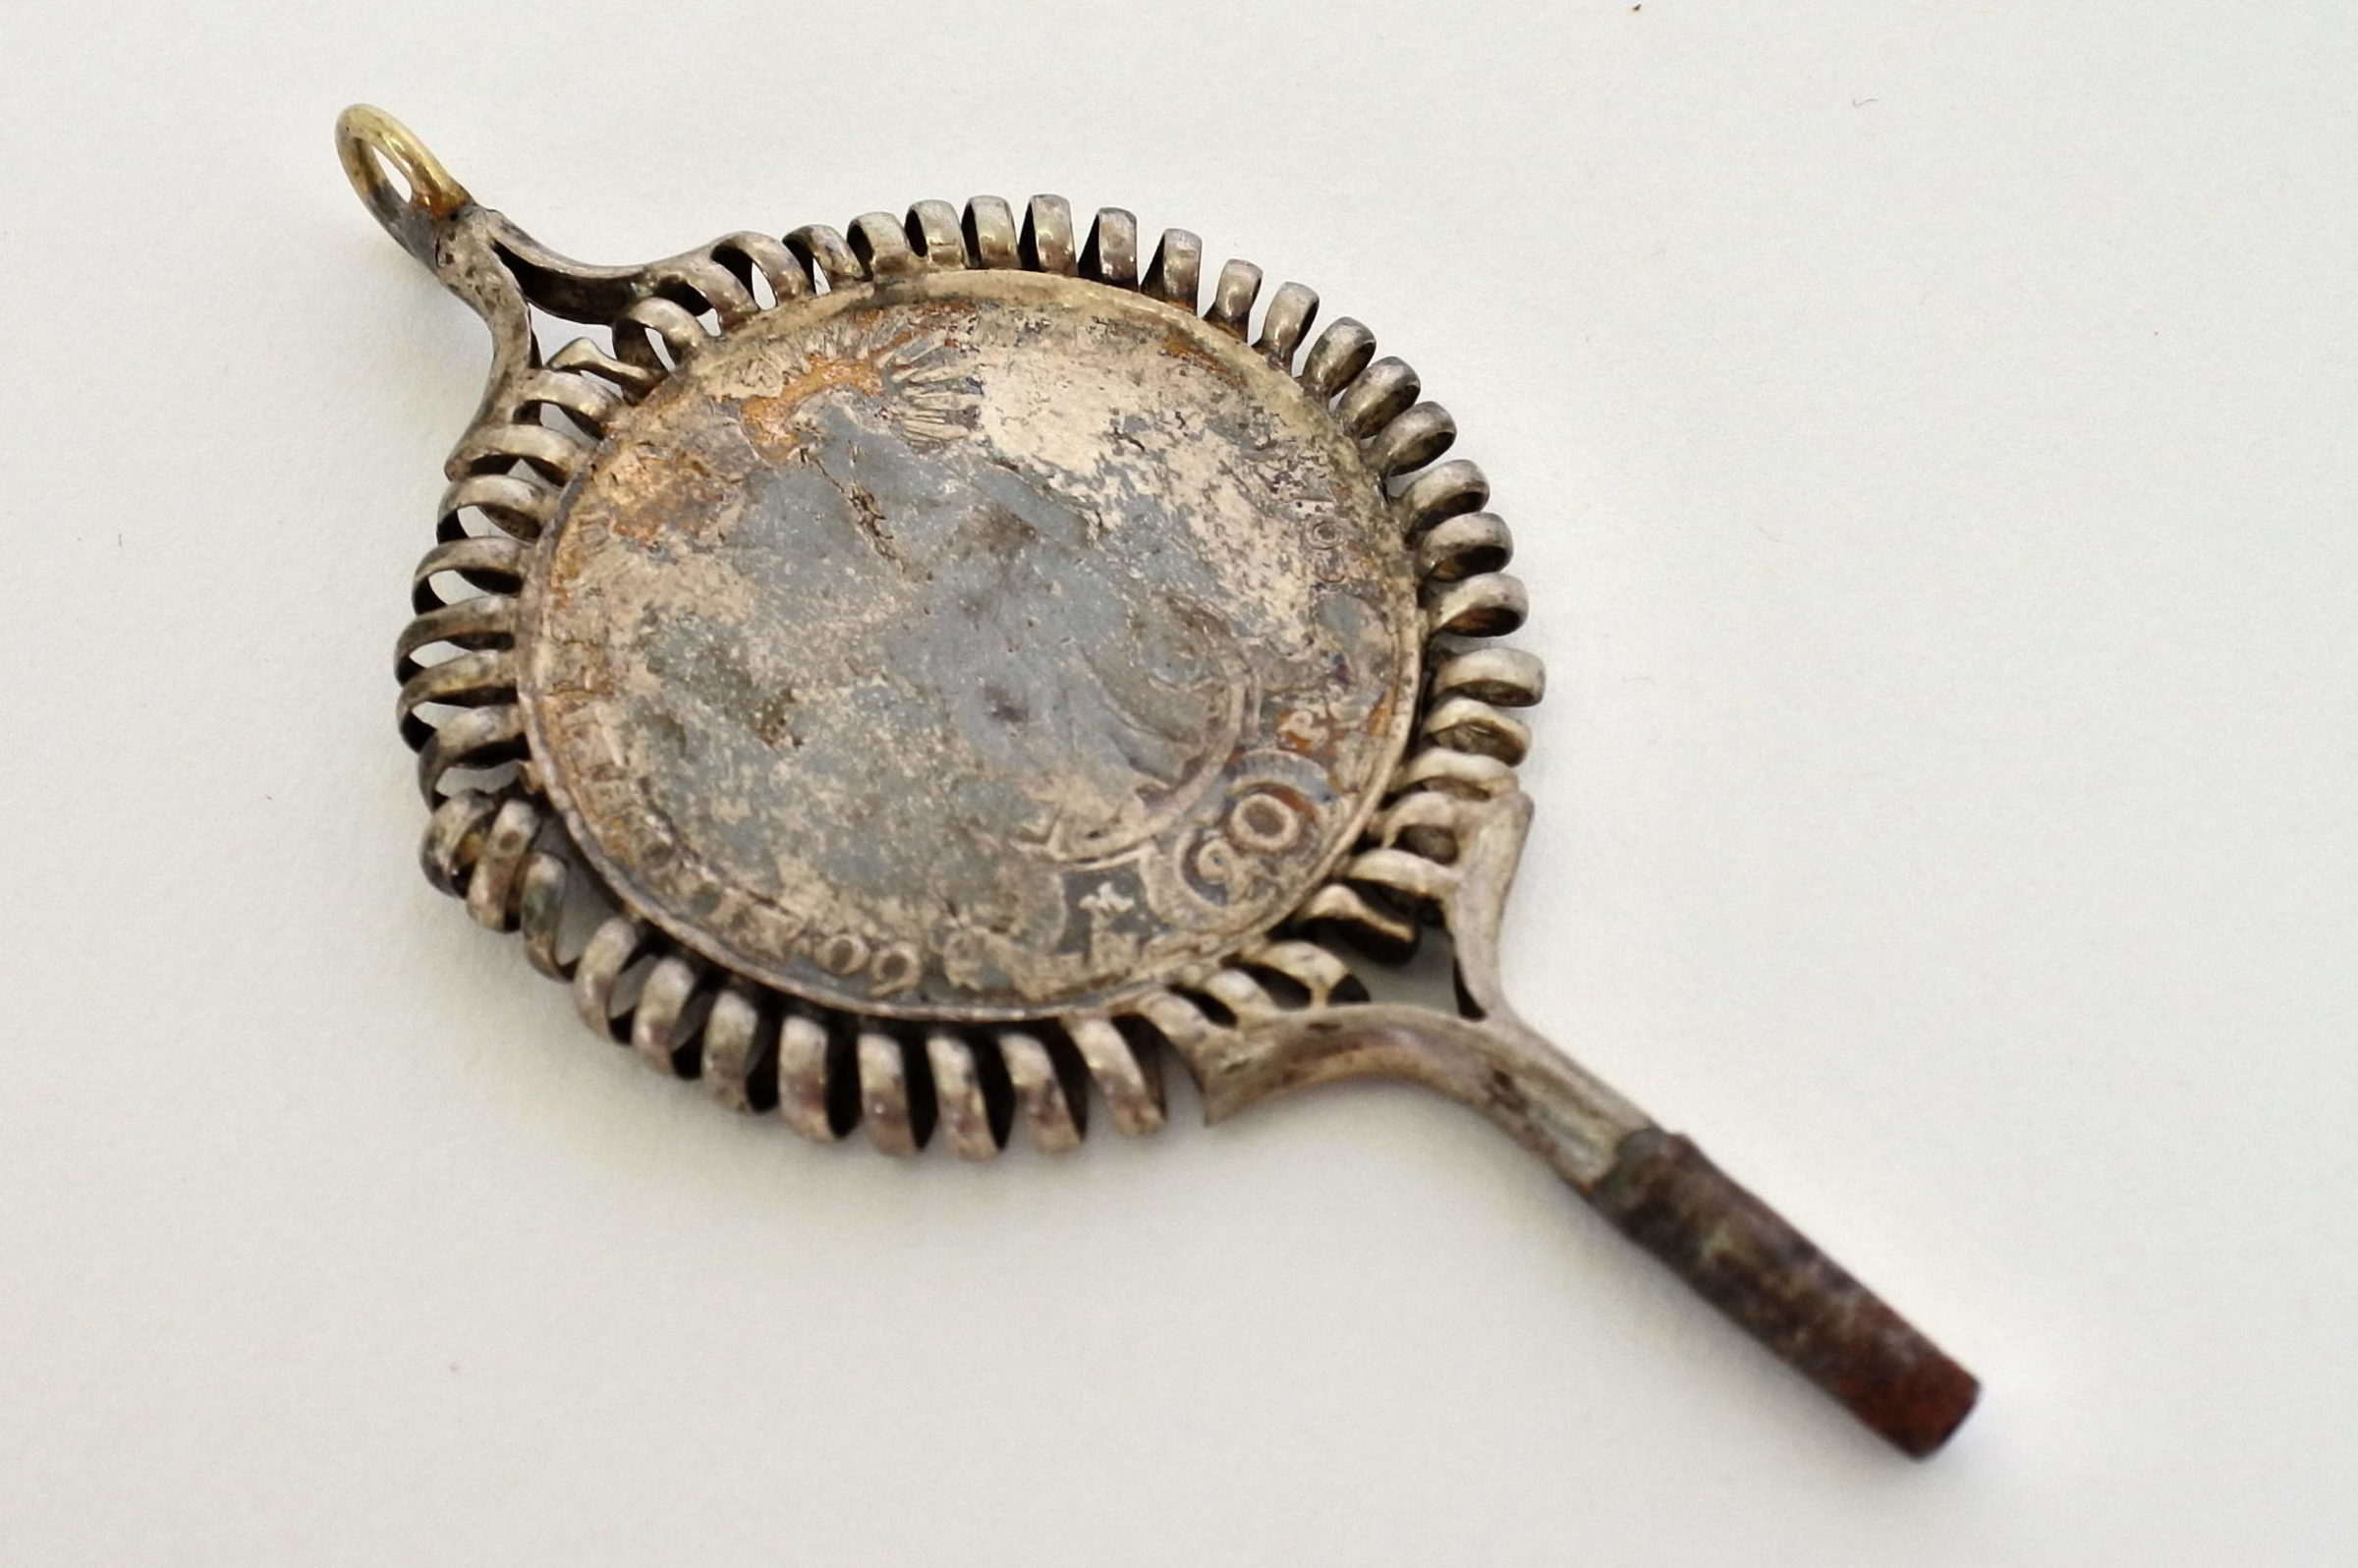 Chiavetta per orologio da tasca con moneta